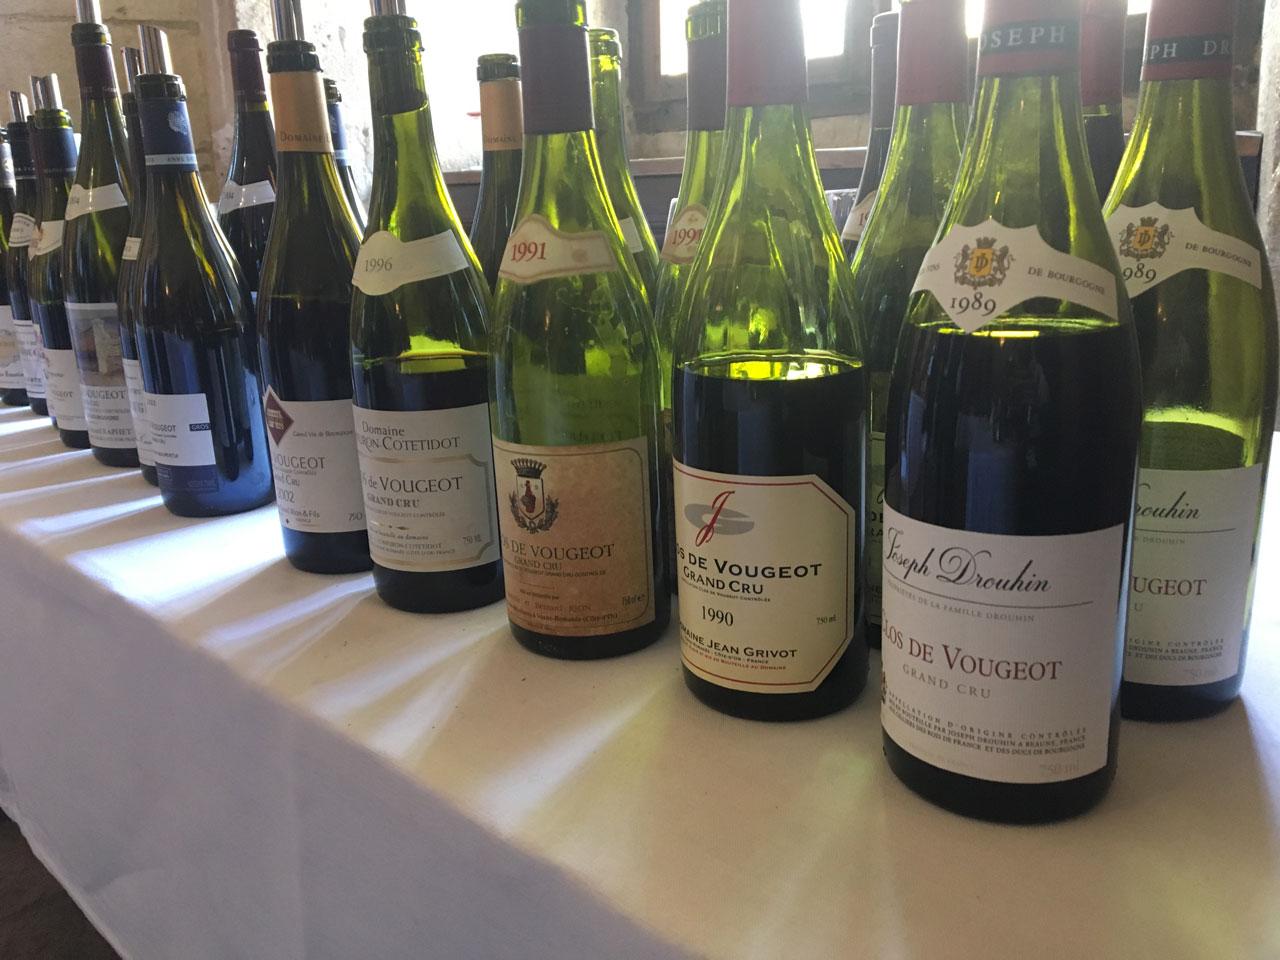 FISAR Grands Jours, XIV edizione: nel cuore dei terroir di Borgogna